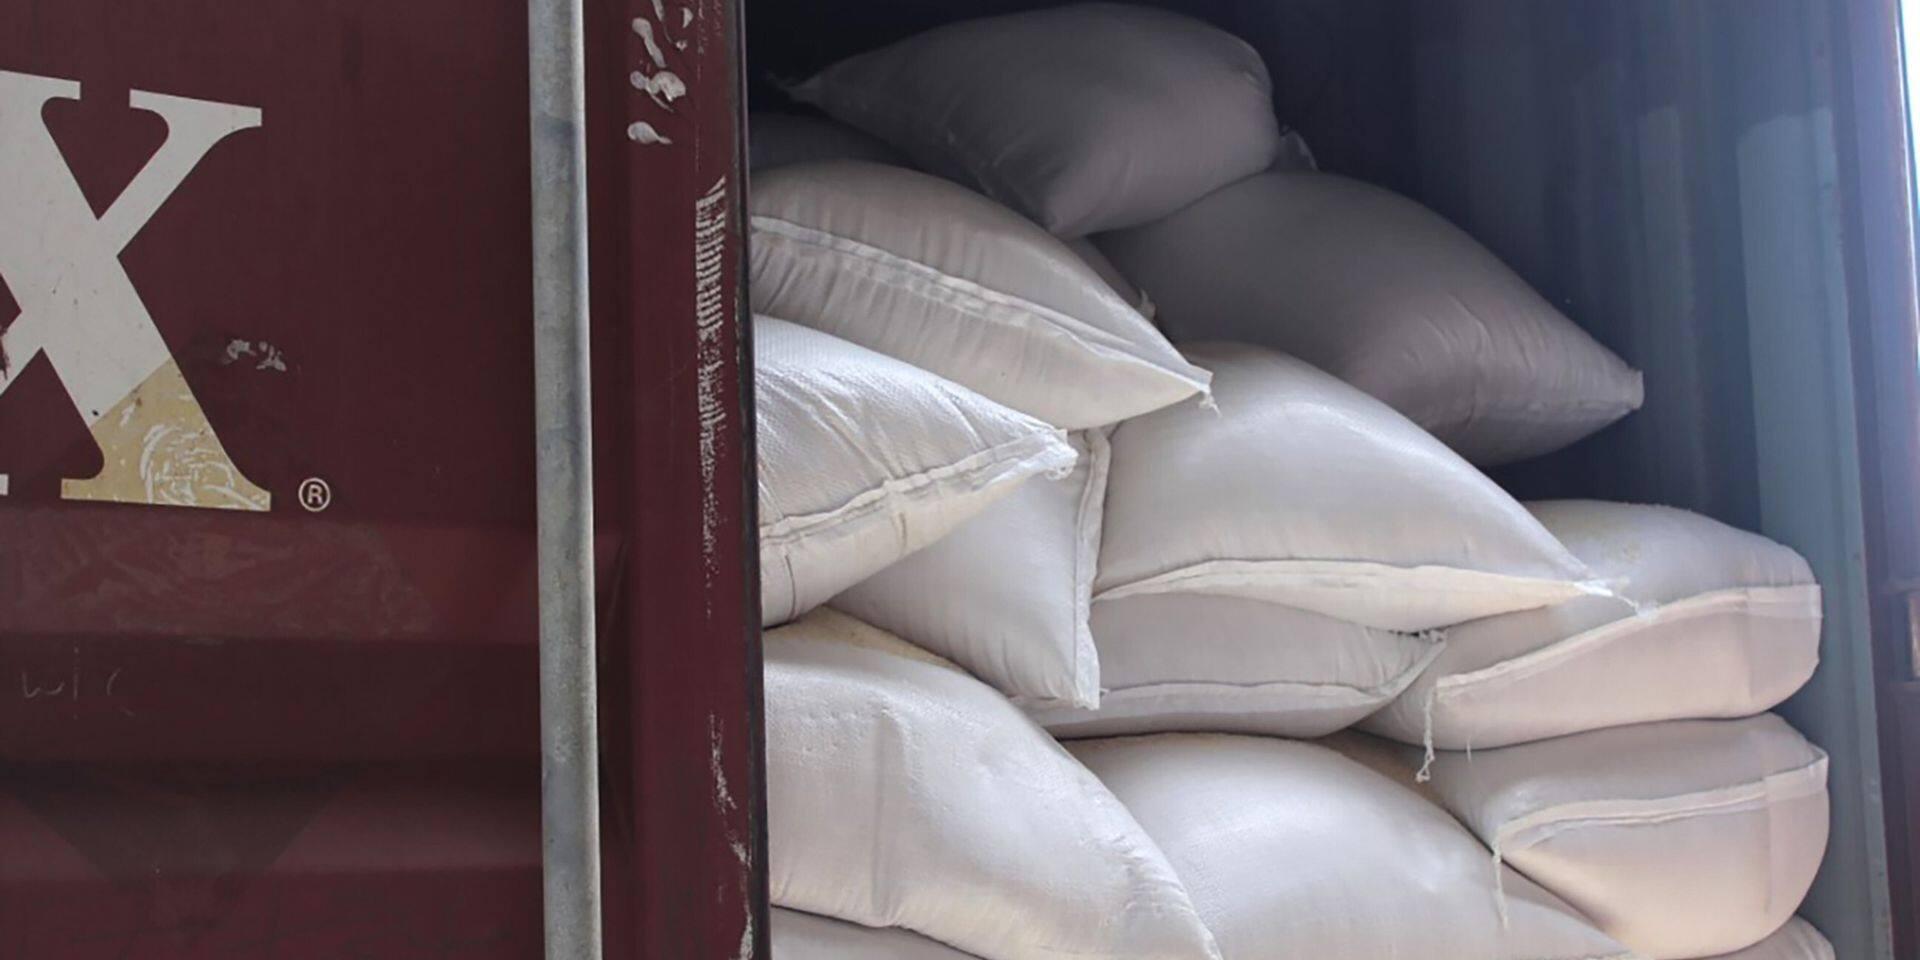 Plus d'une tonne de cocaïne destinée à la Belgique interceptée en Colombie